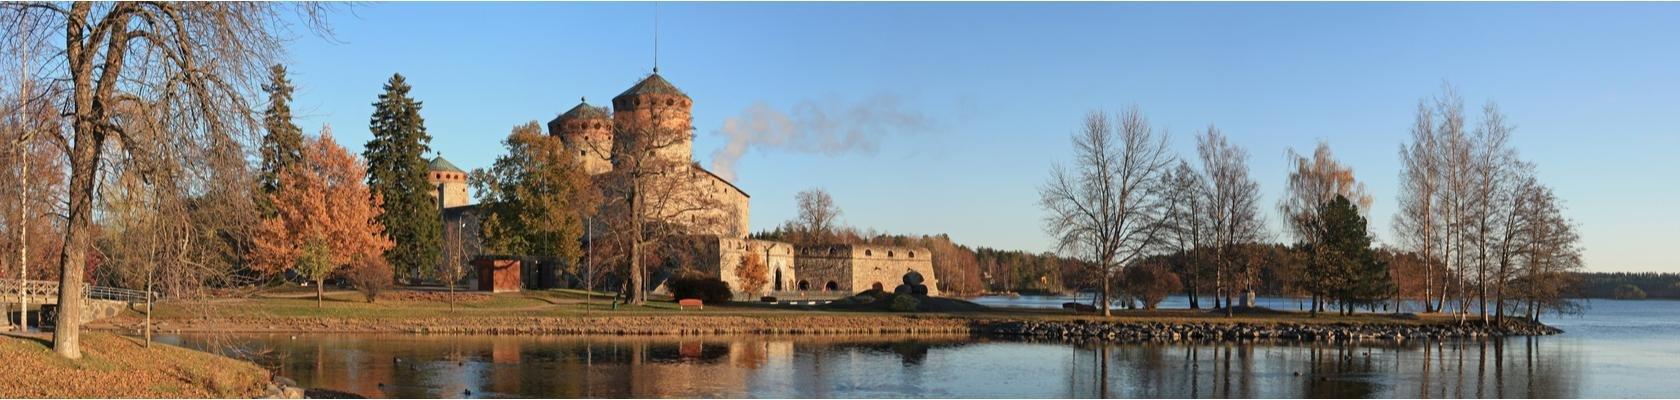 Kasteel van St. Olaf, Finland